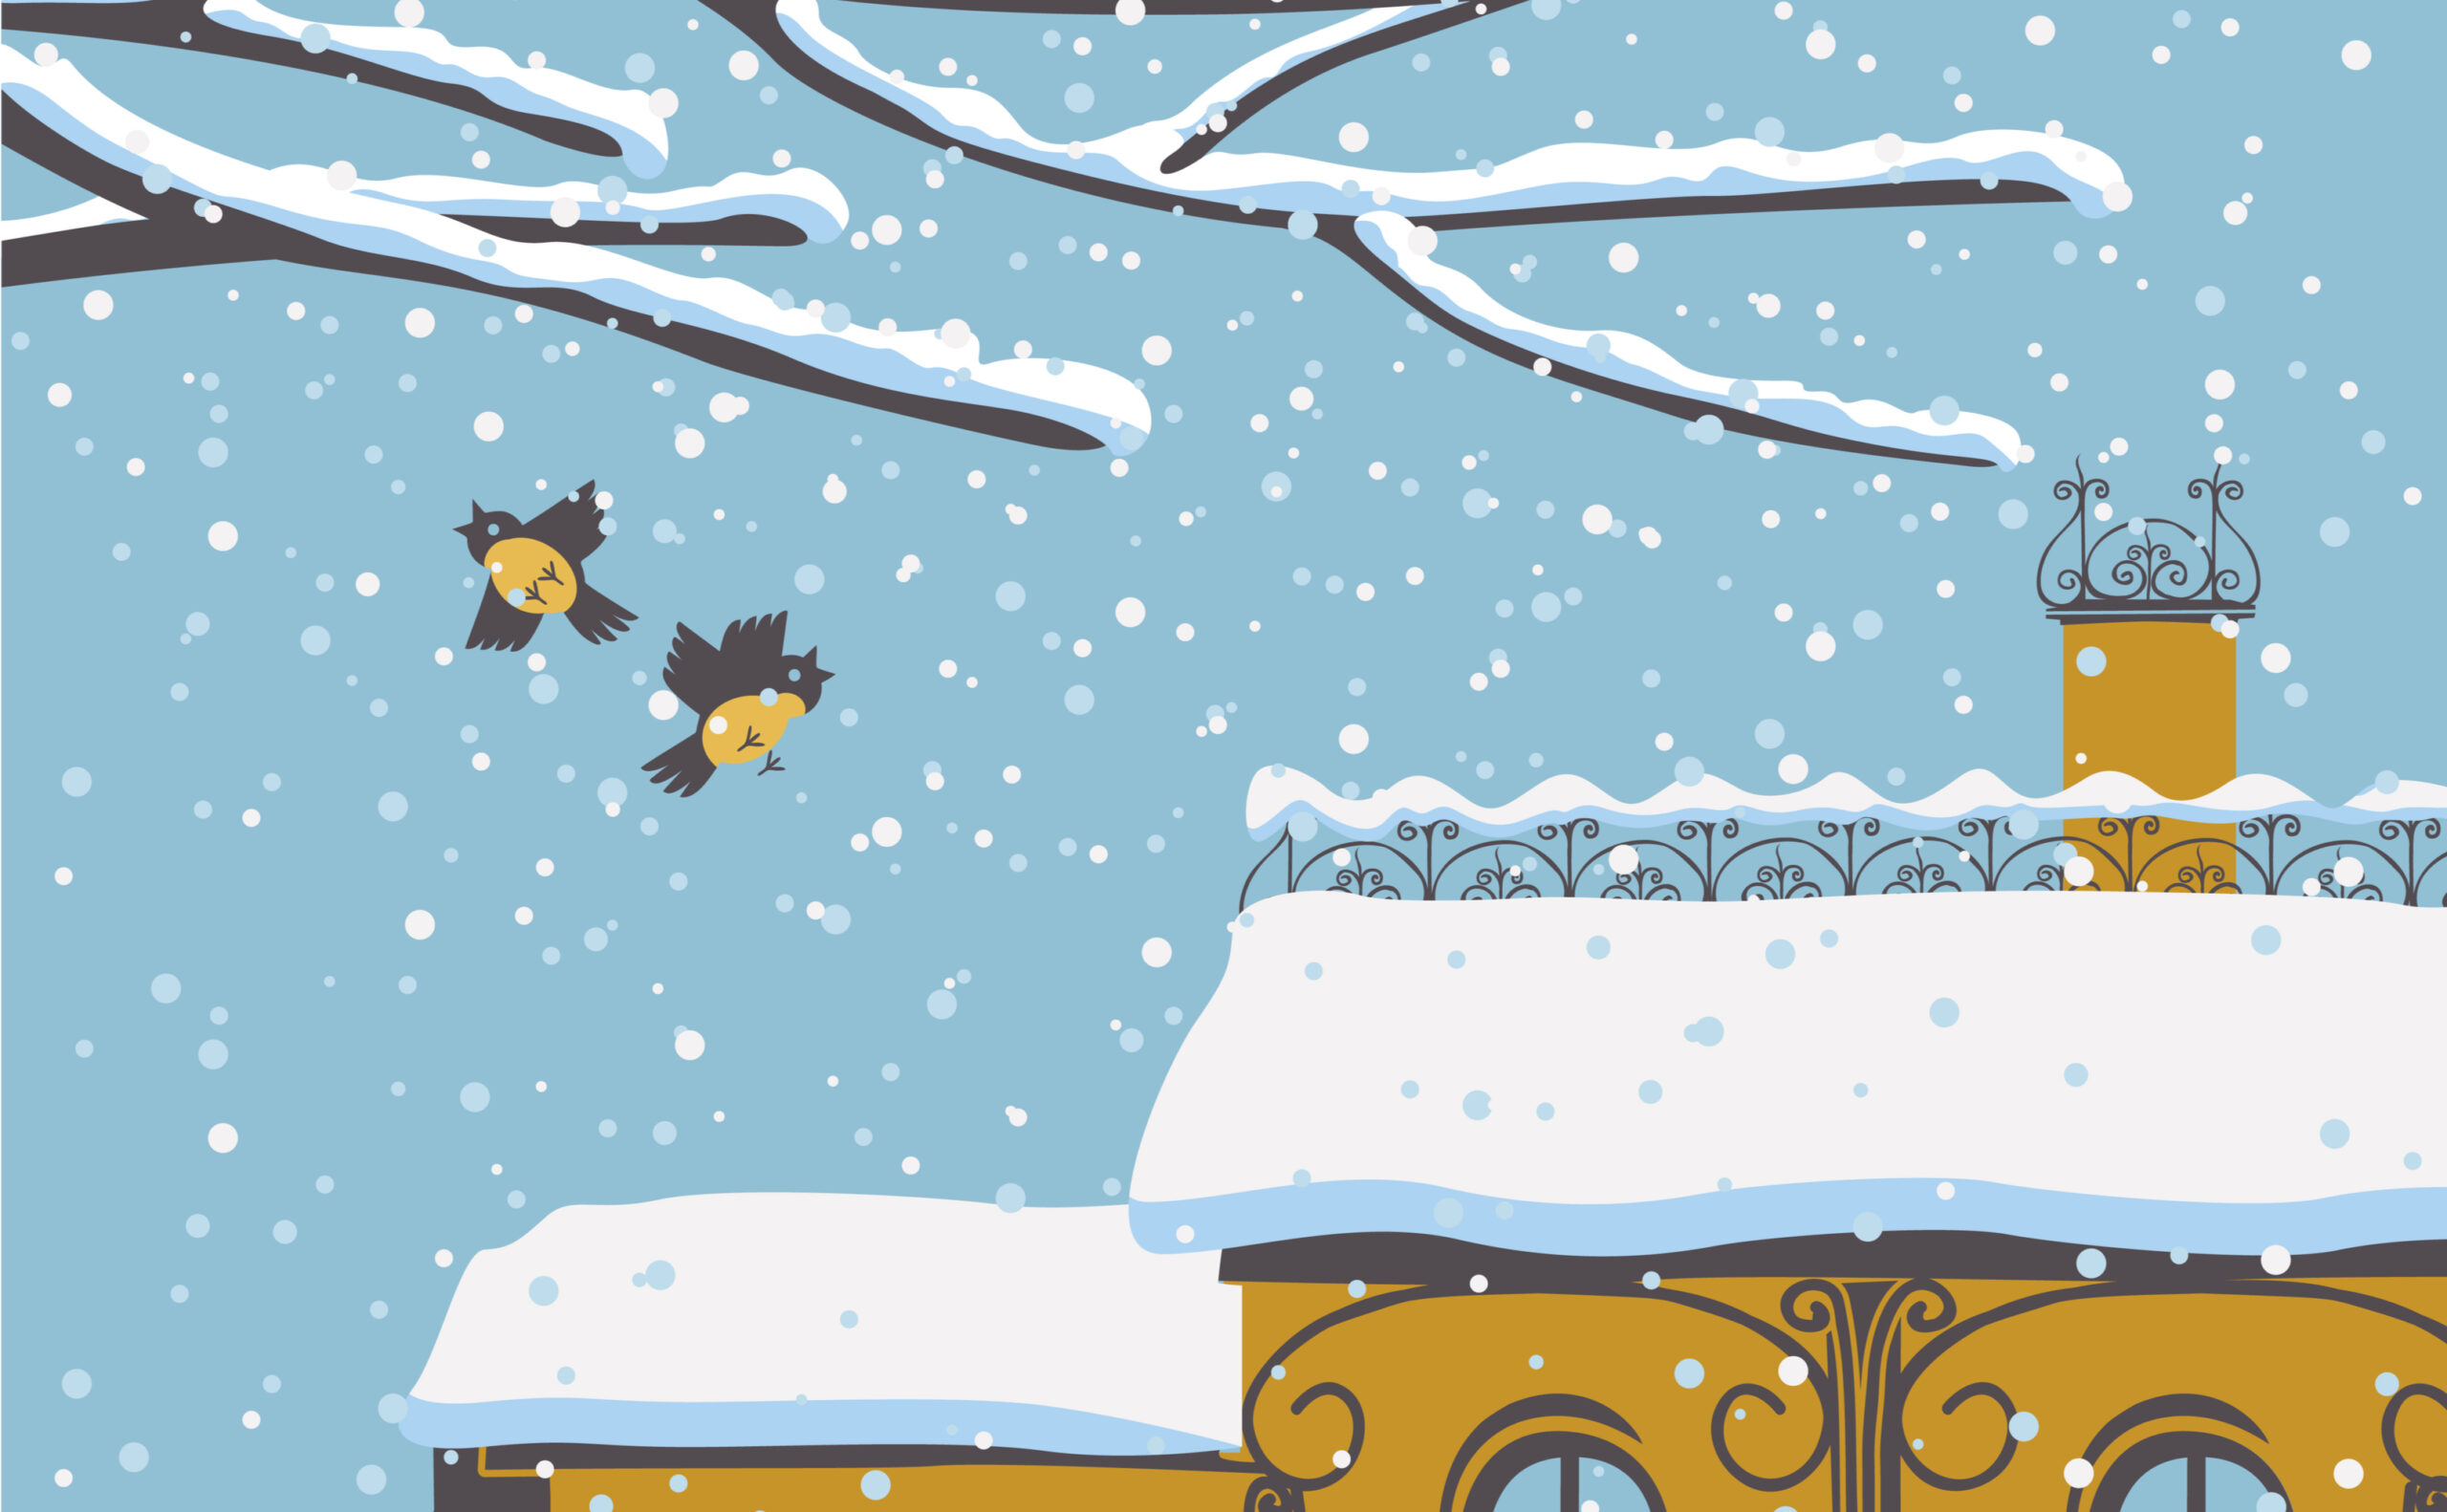 lustiges weihnachtsgedicht kurz